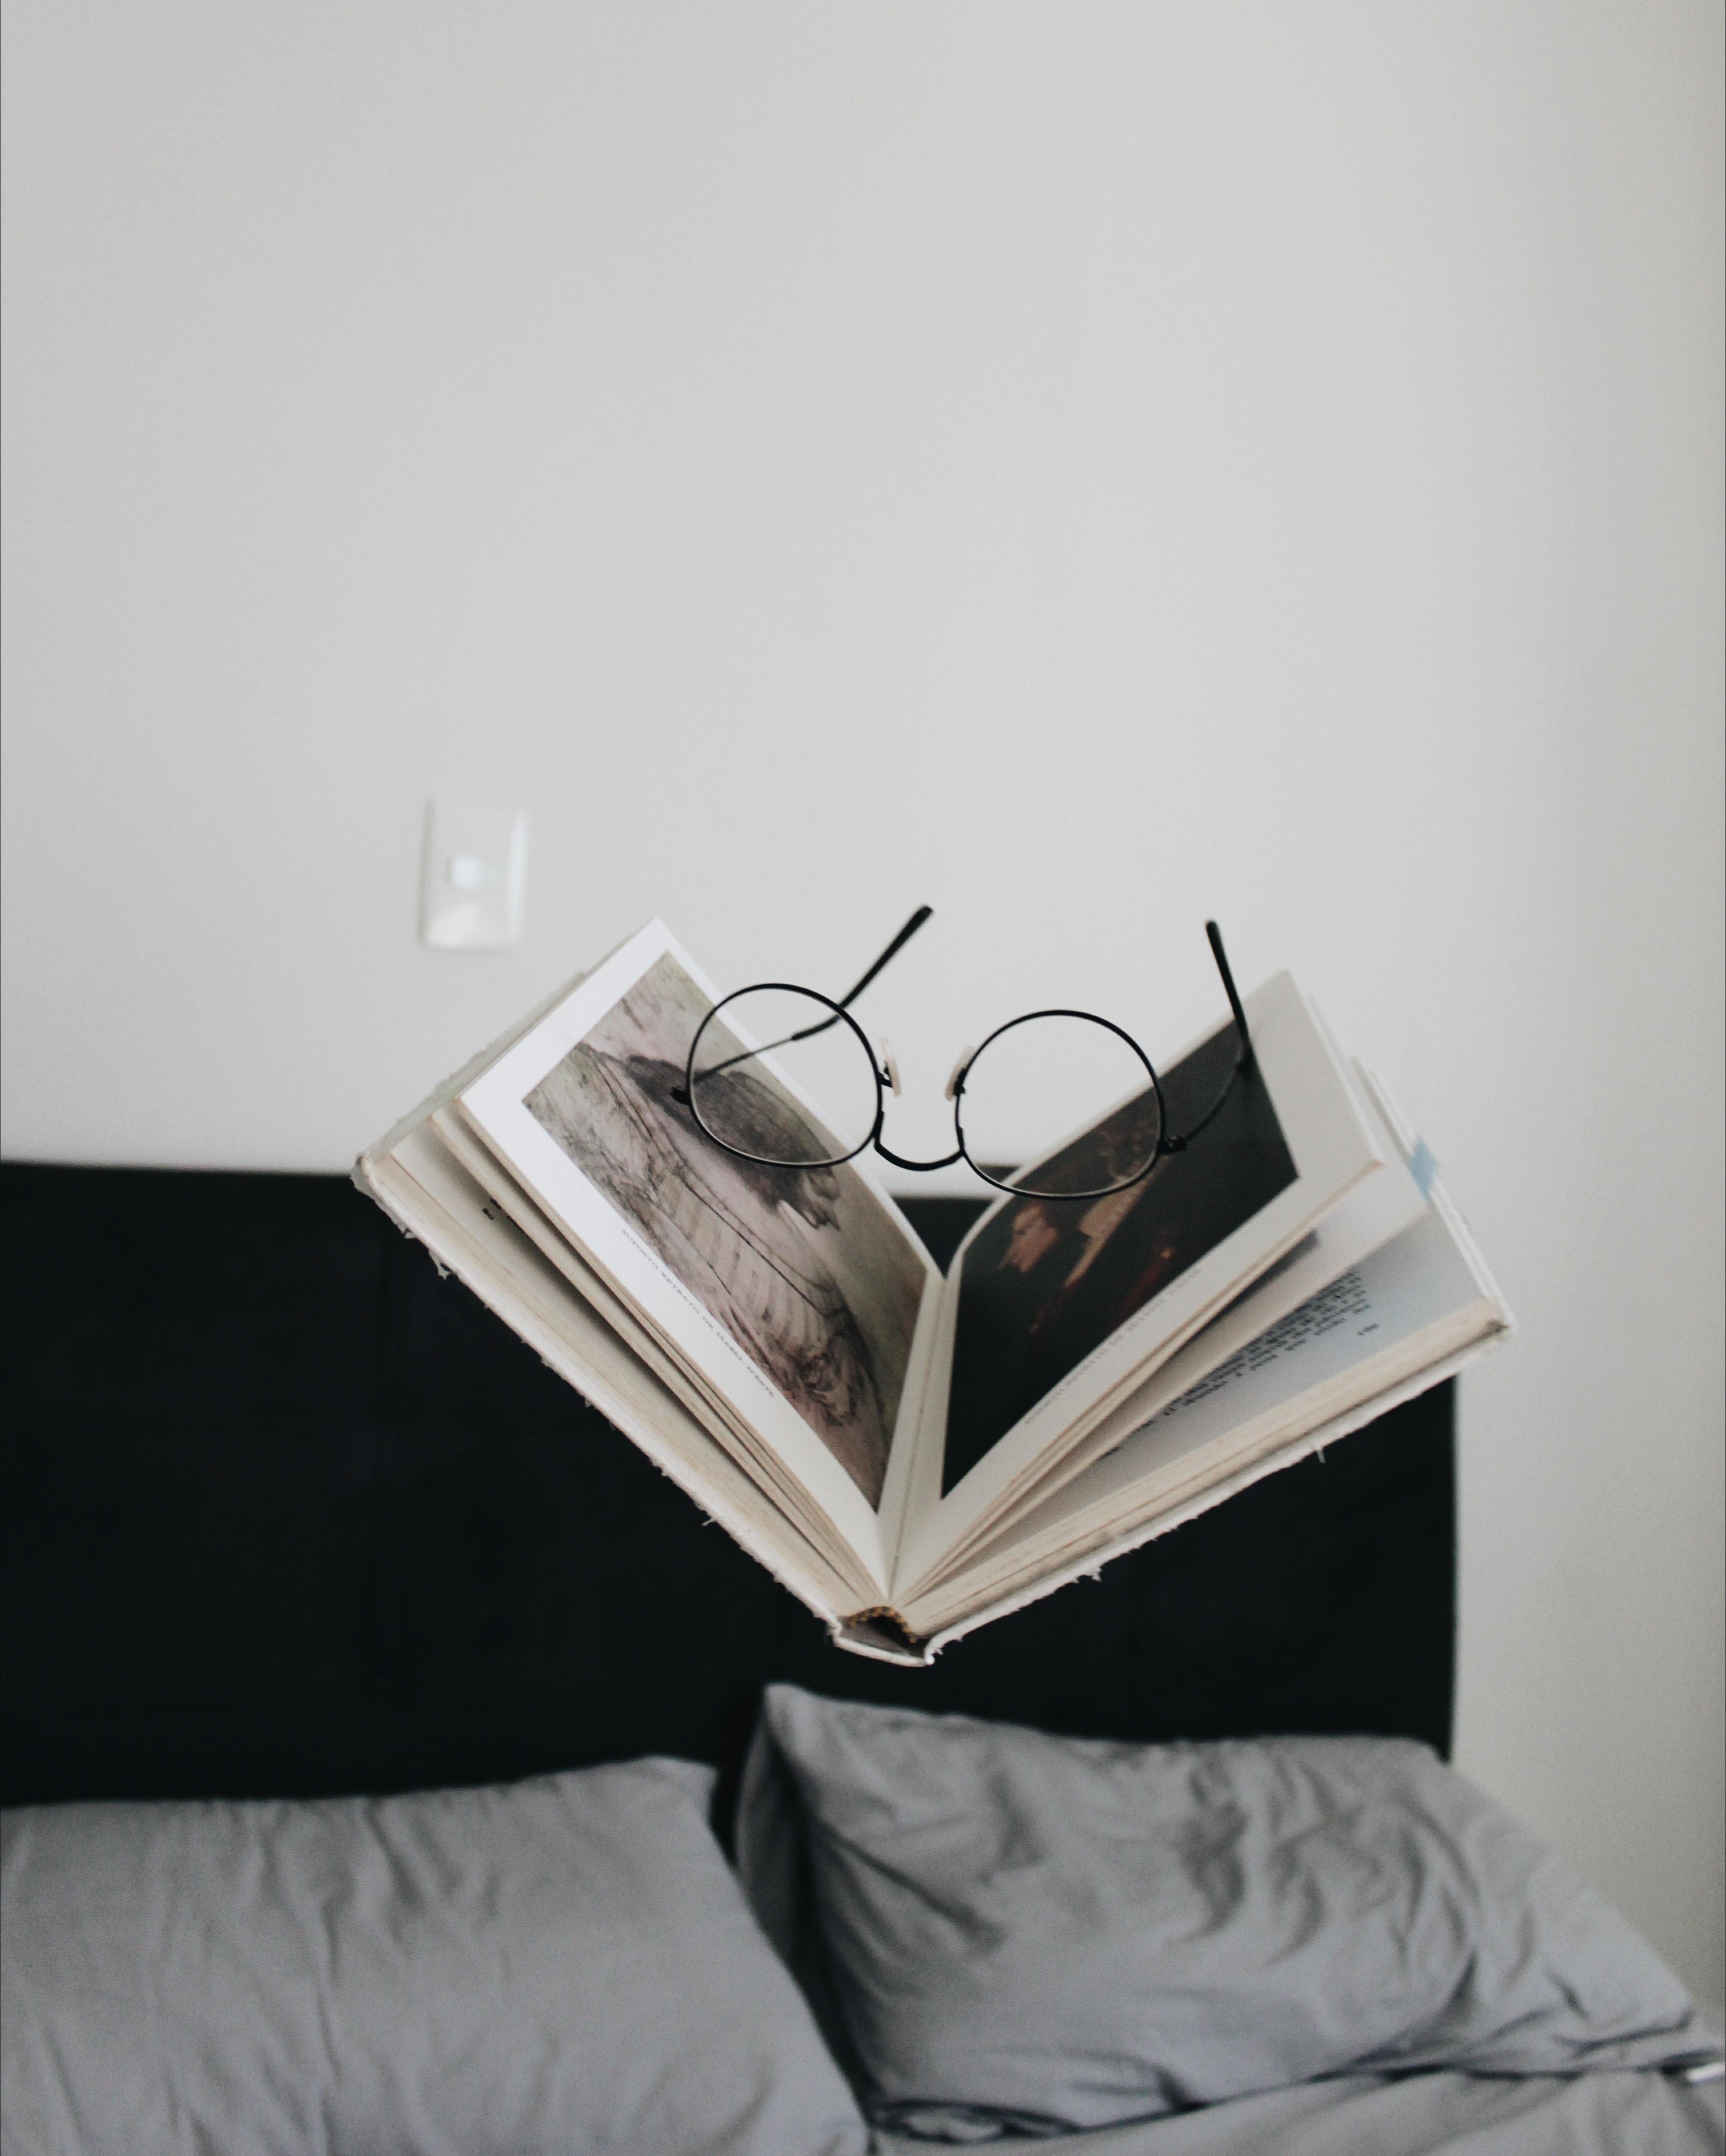 black framed eyeglasses between opened book